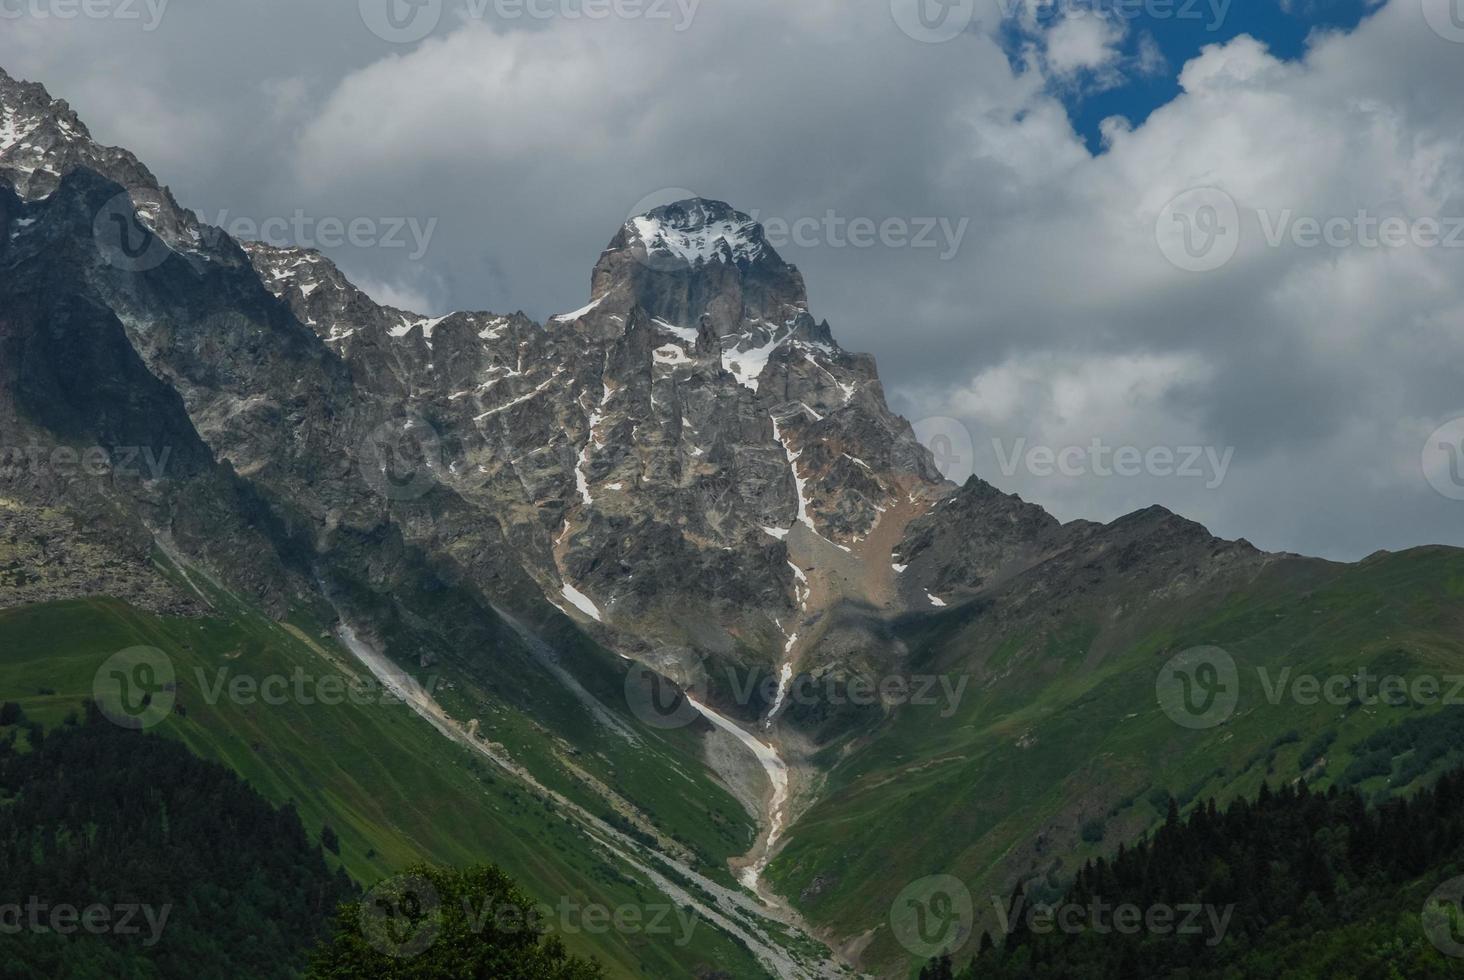 montanhas, o norte do cáucaso. foto